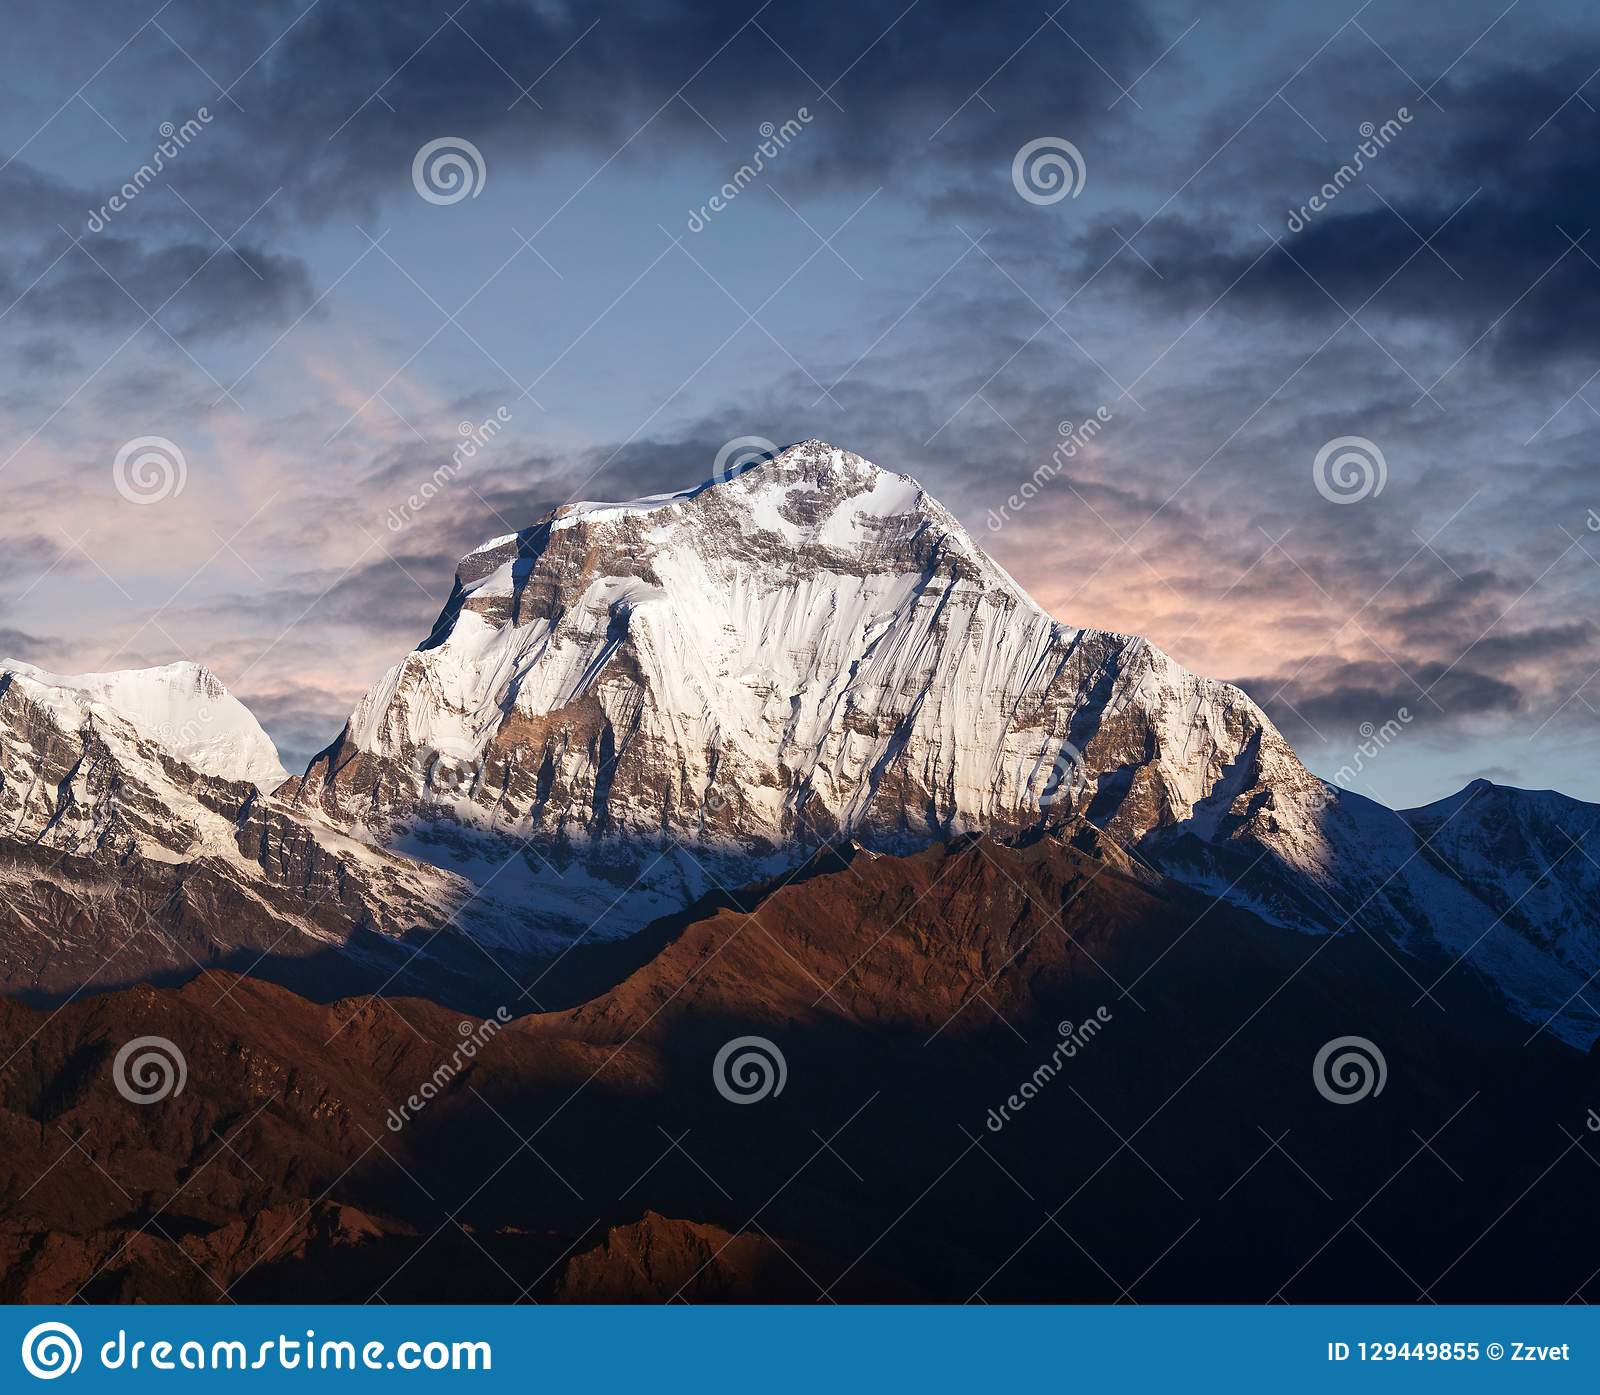 Panorama of mount Dhaulagiri at sunset, Nepal Himalaya